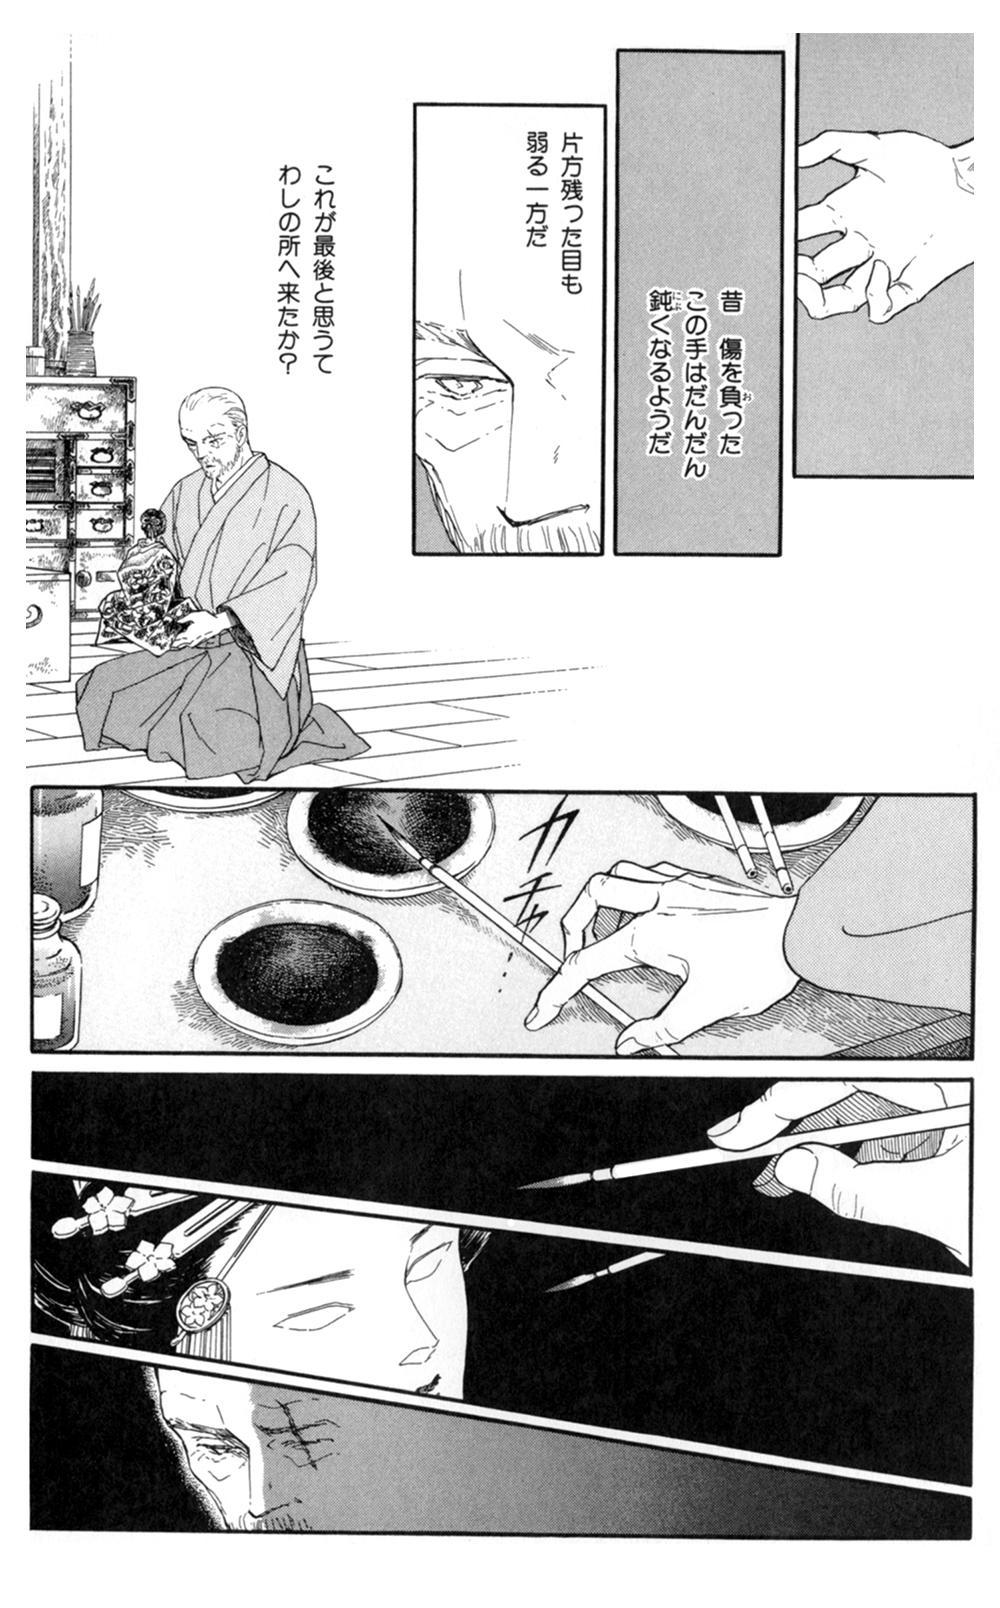 雨柳堂夢咄 第5話「花に暮れる」①uryudo01-126.jpg